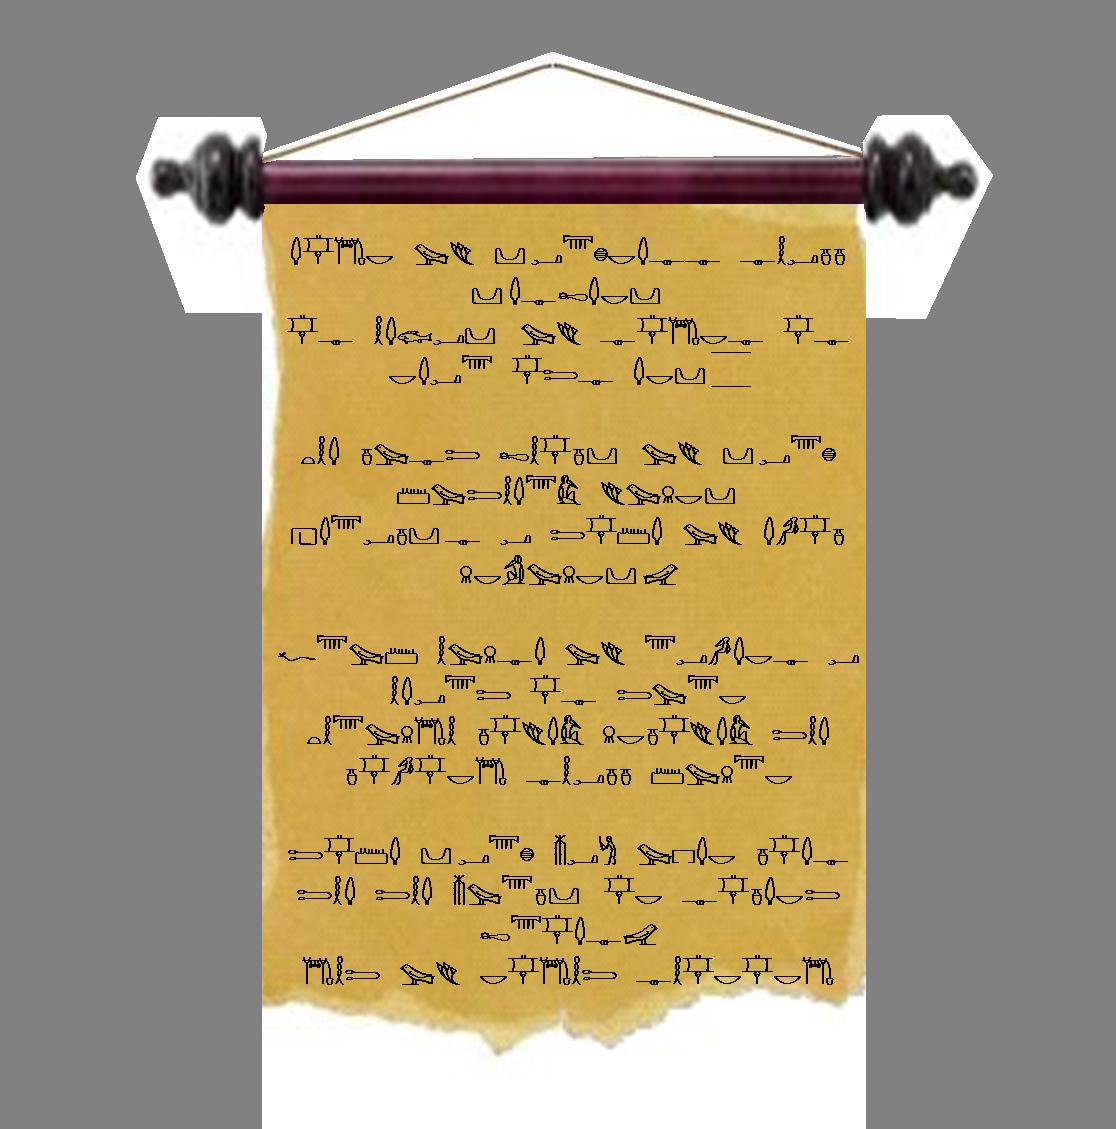 Reignofdarknessprophecyglyphs